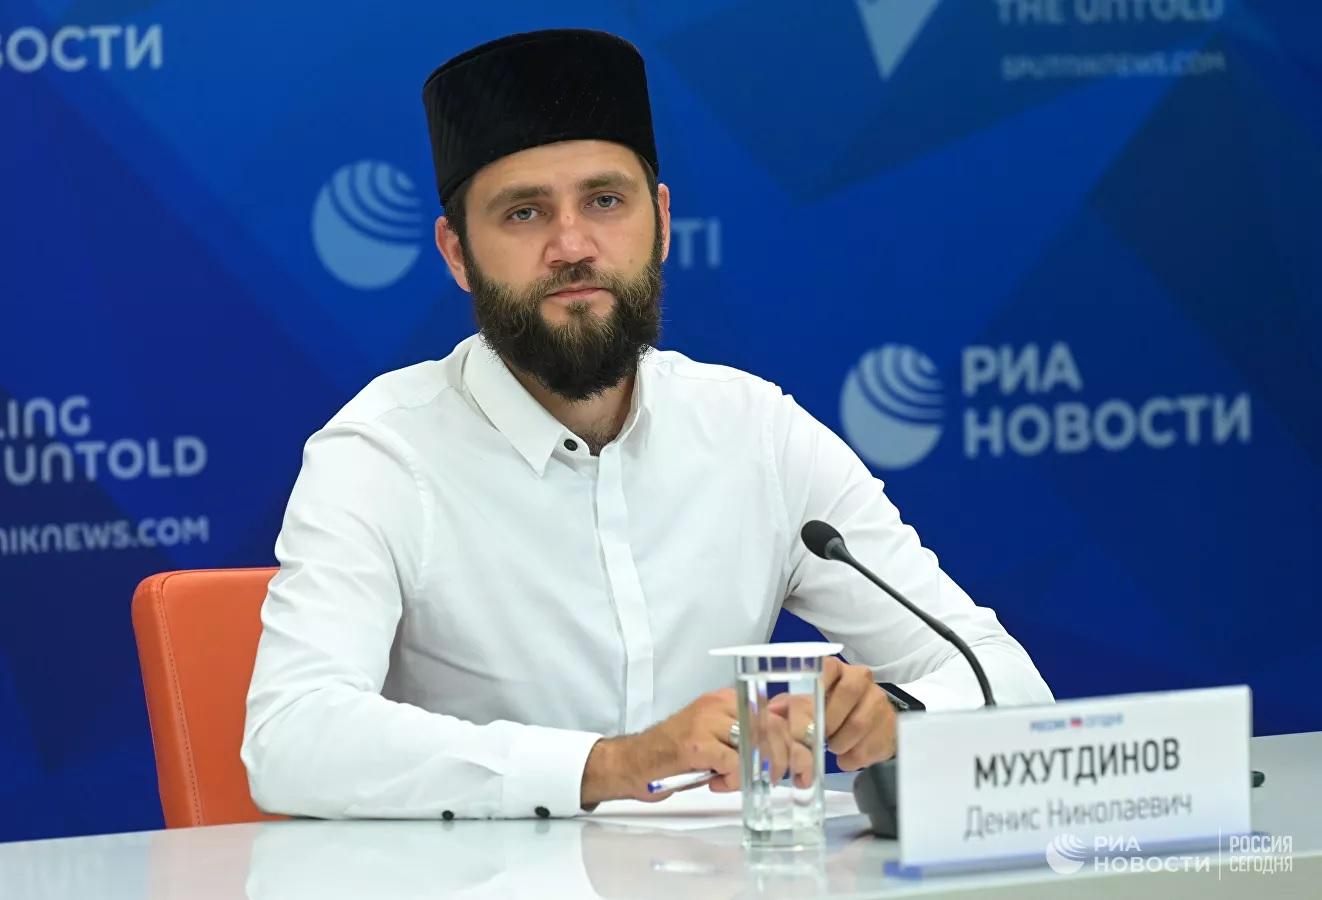 """У собрания мусульман нет контактов с поселением """"Аминовка"""""""